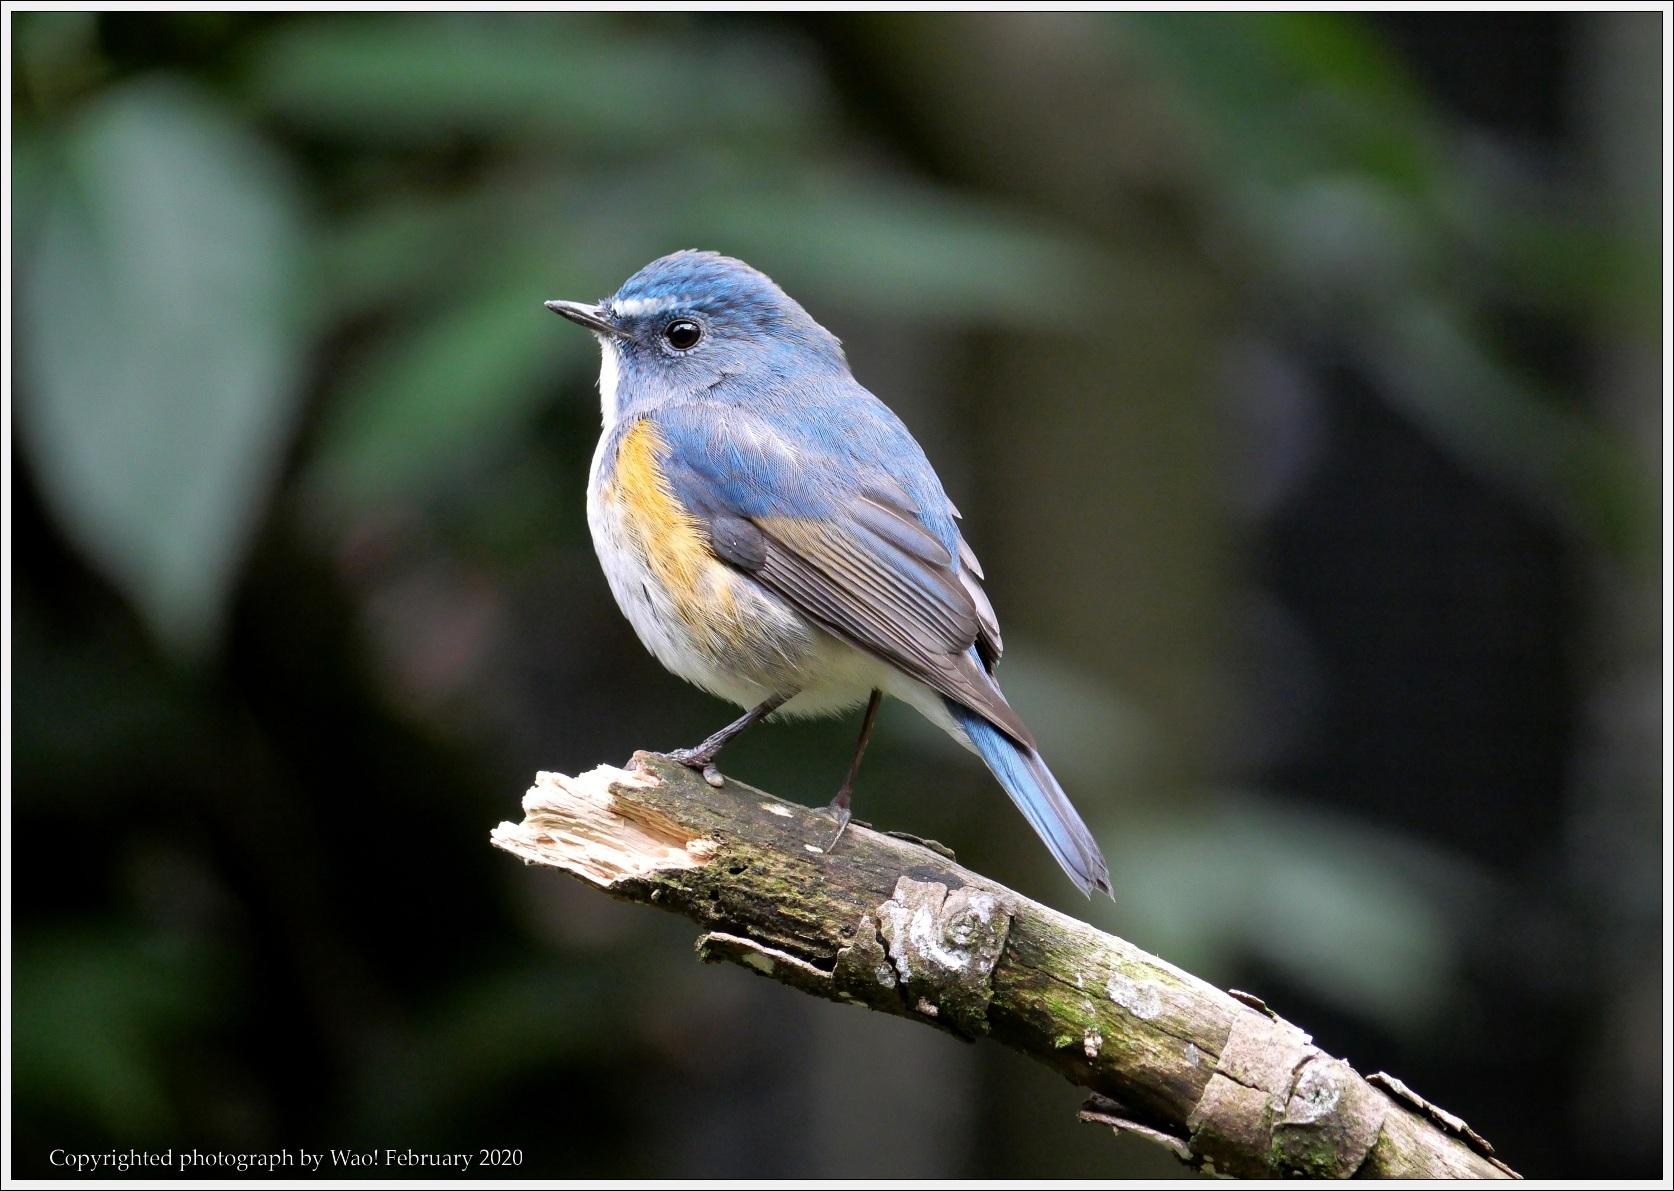 野鳥園のルリ・コマ・キビタキ_c0198669_14153900.jpg